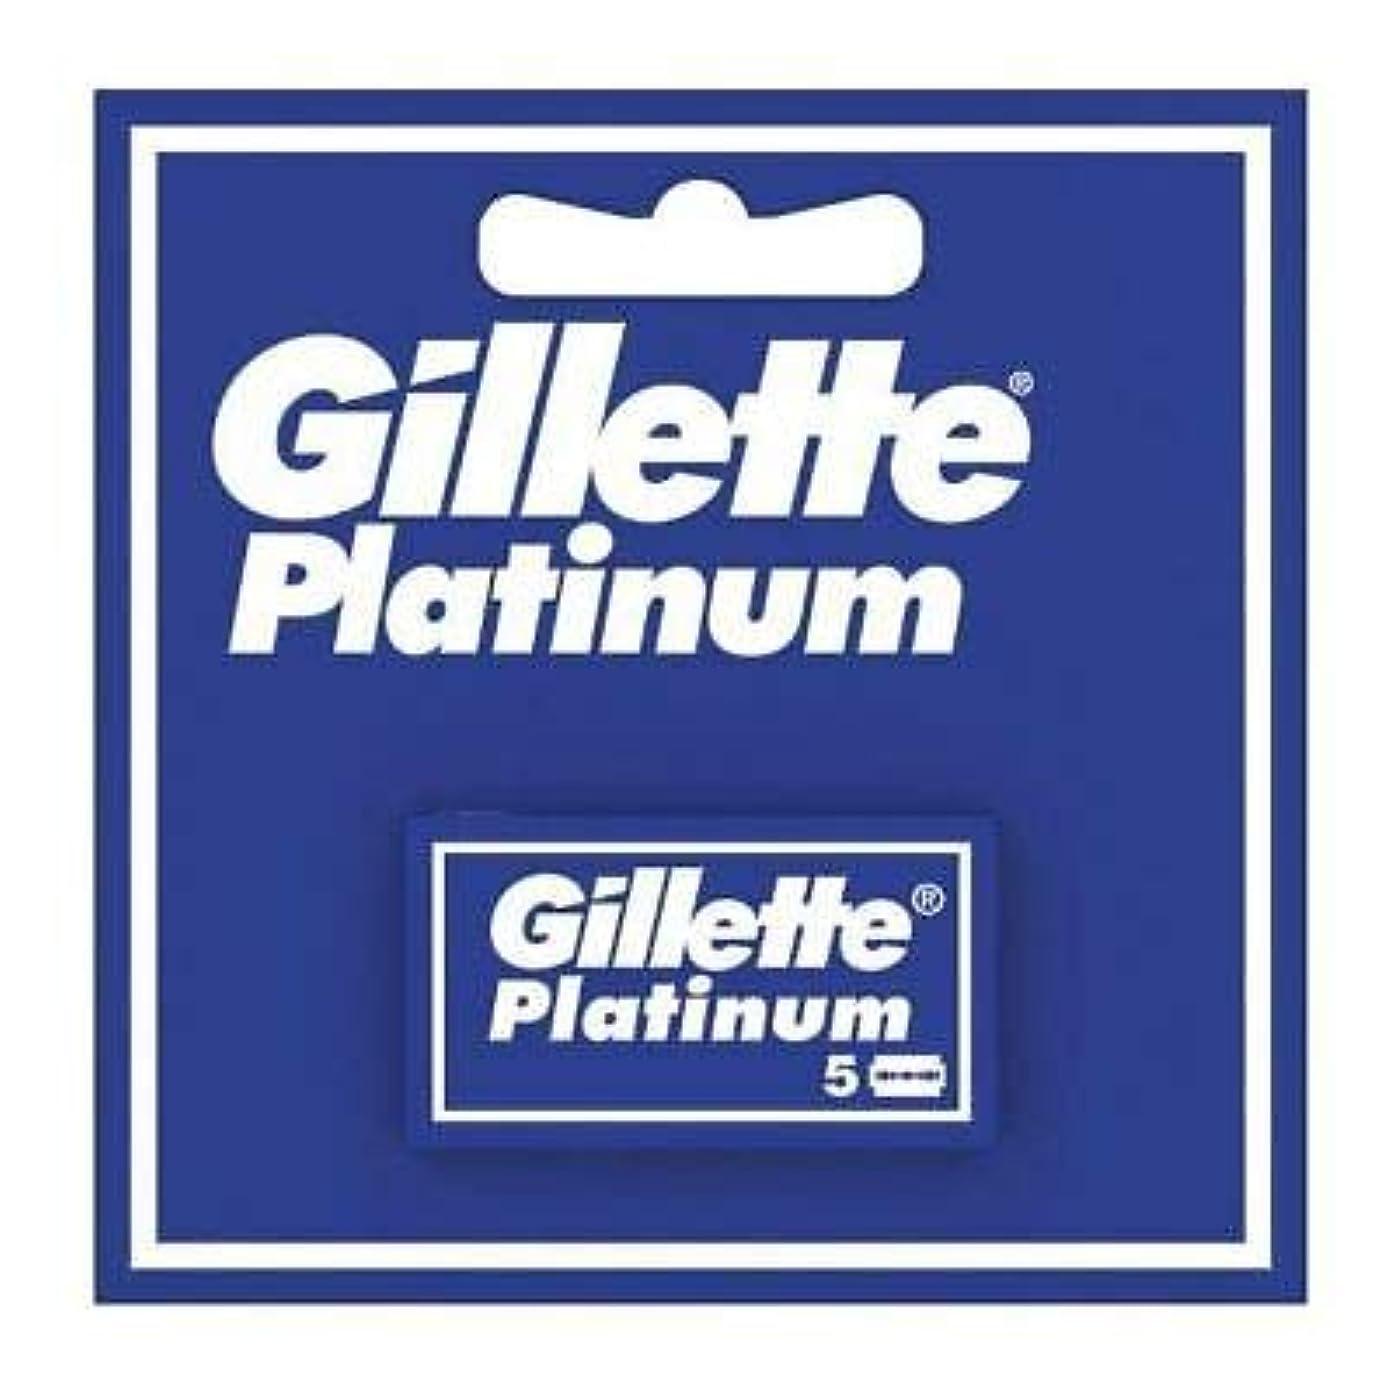 アクセル豊富不十分なGillette Platinum [プレミアムホワイトボックス版!] ジレット プラチナ 両刃替刃 20個入り (5*4) [海外直送品] [並行輸入品]